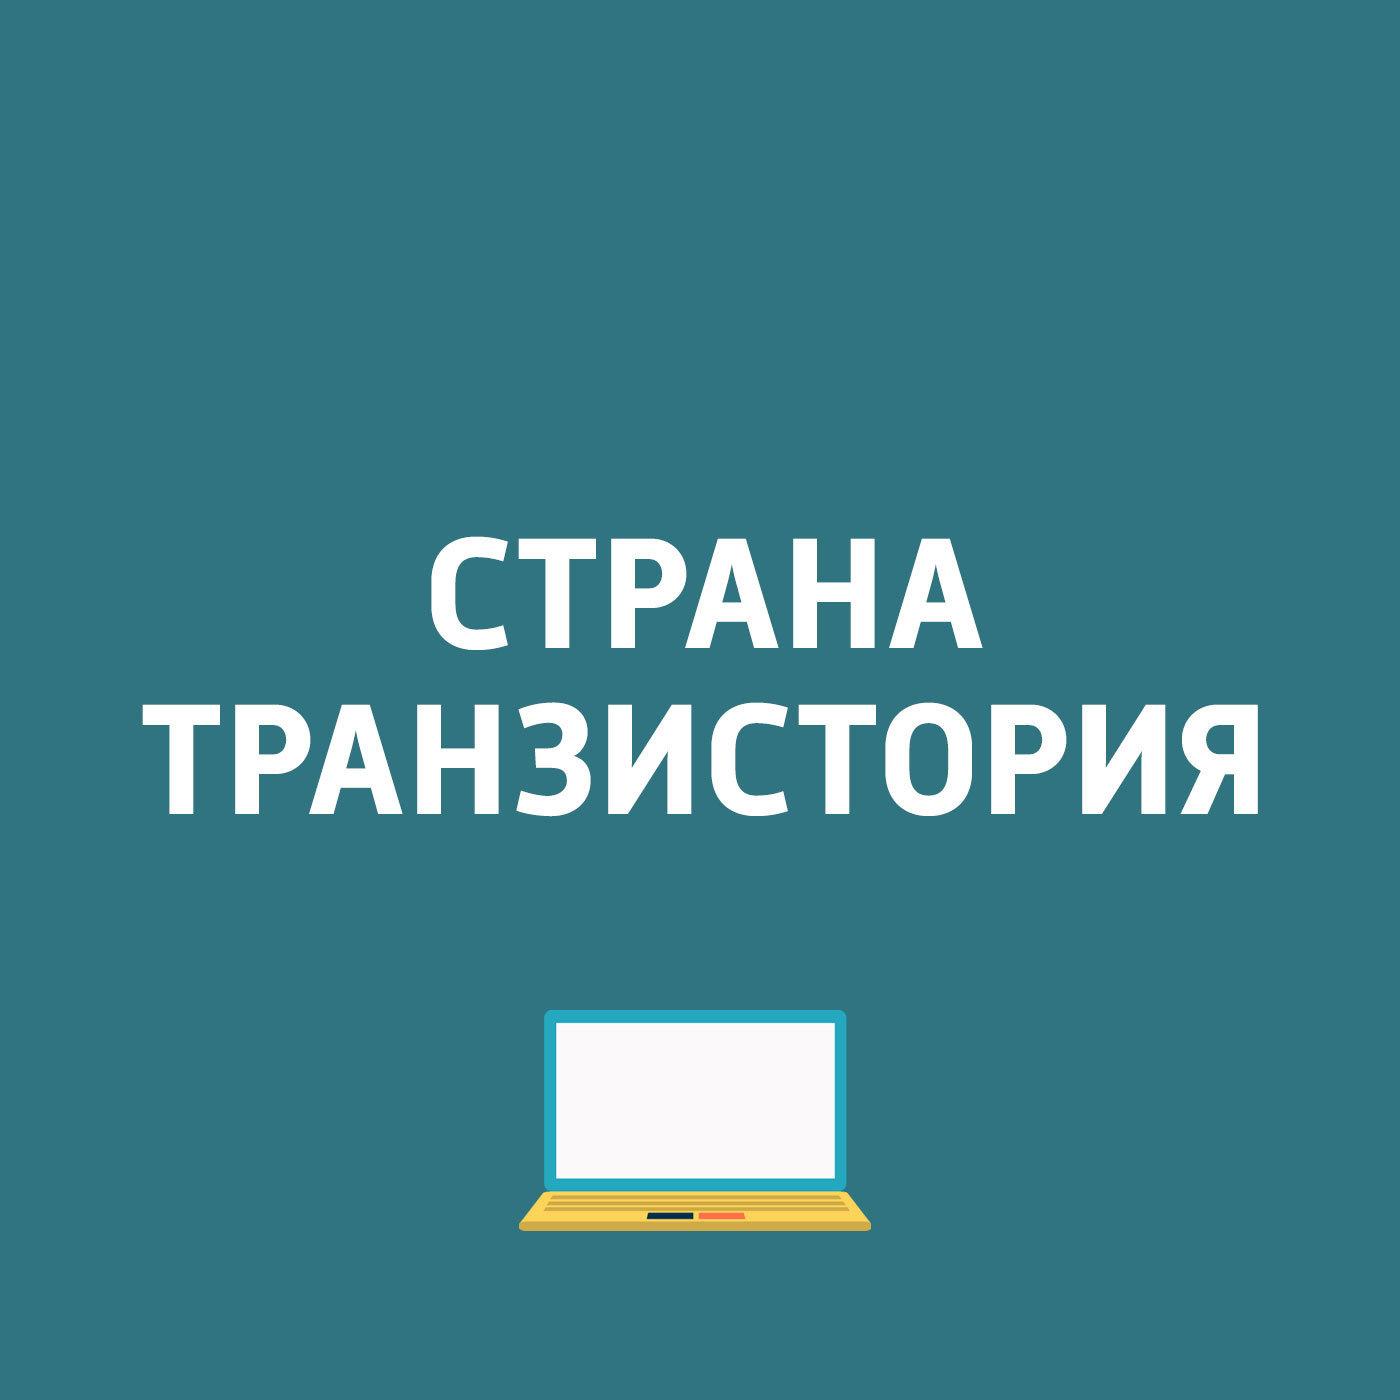 Картаев Павел Автобусы с Wi-Fi, самые дешевые iPhone, интернет для россиян